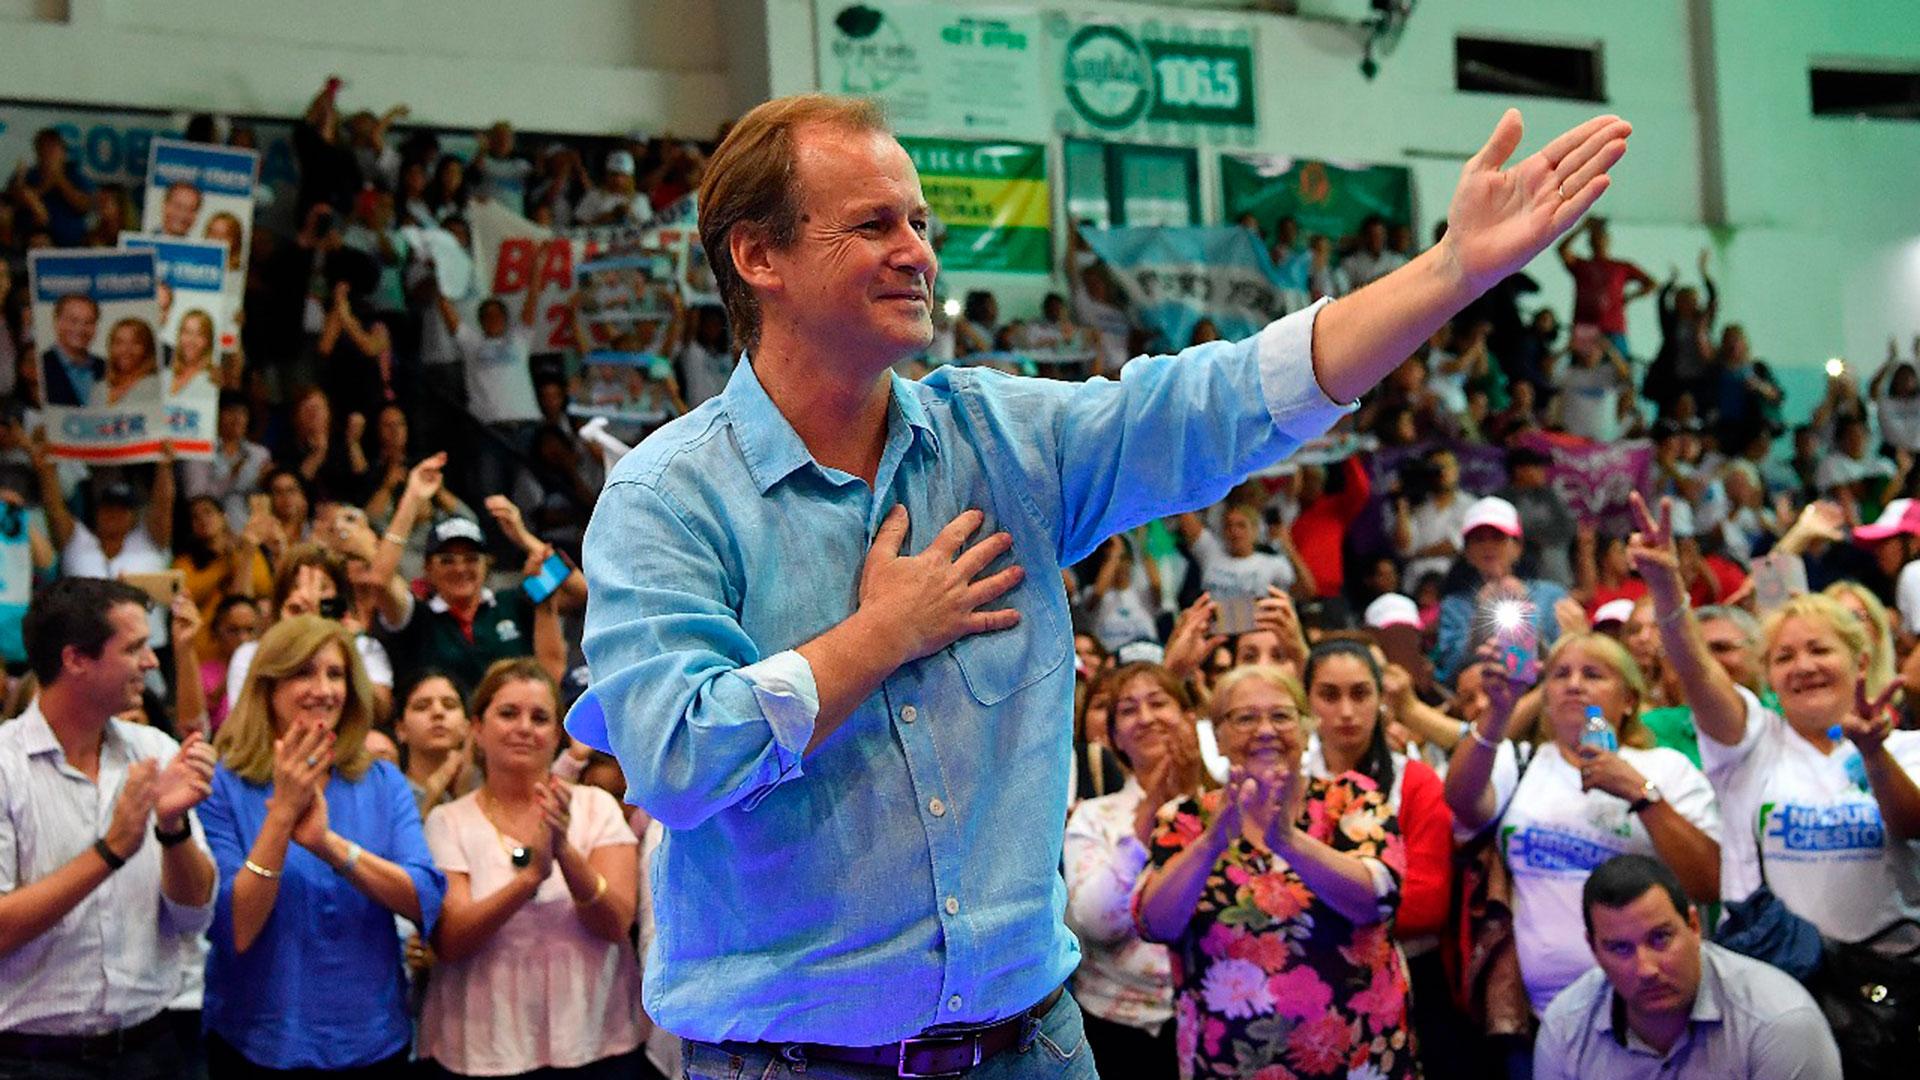 El gobernador Gustavo Bordet, beneficiado por la unidad del peronismo, se perfila como candidato más votado en las PASO